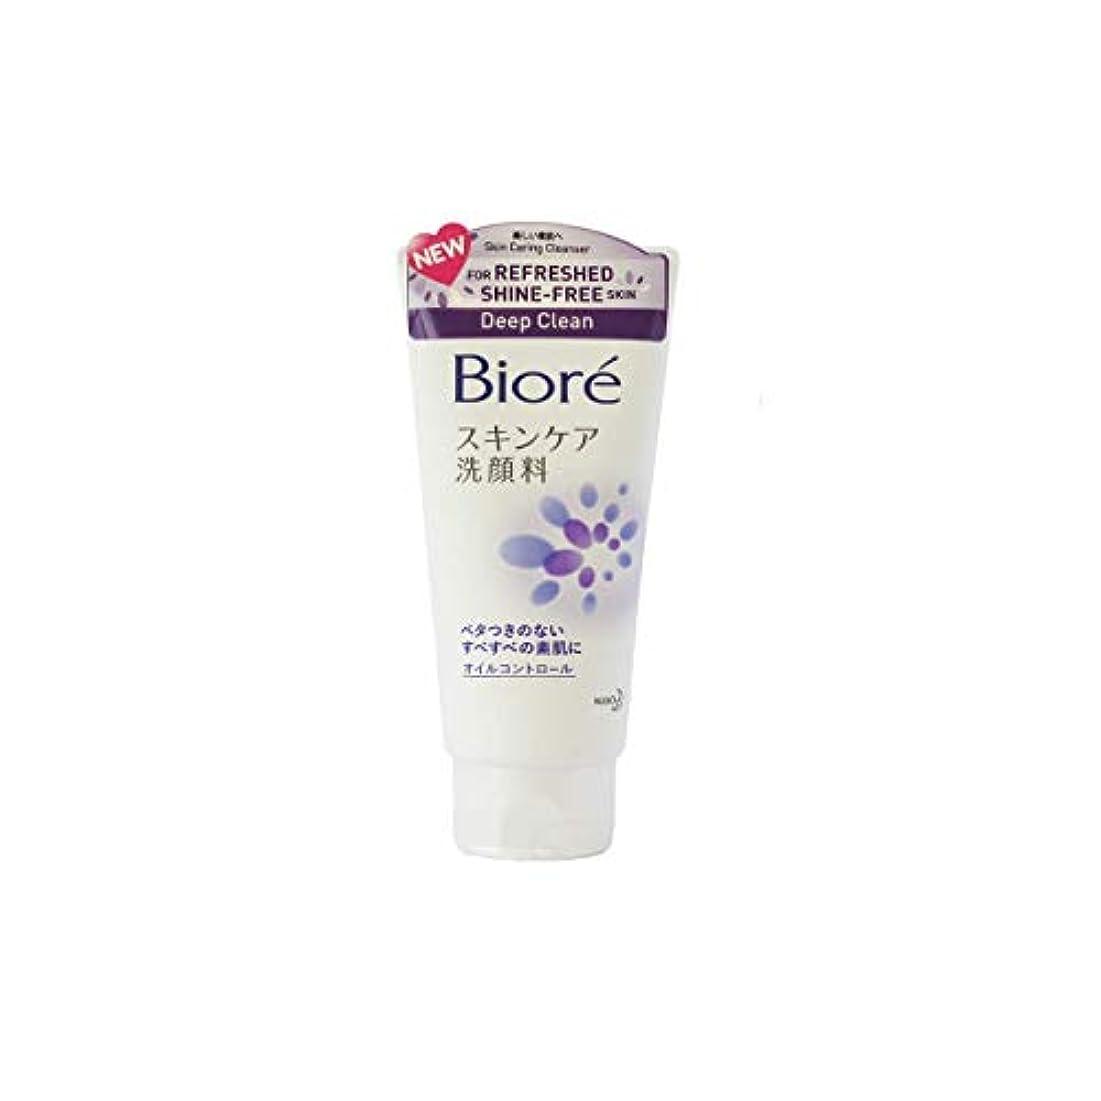 クリスチャン属する歯BIORE UV ビオレ皮膚洗浄剤オイルコントロール親密な130グラム